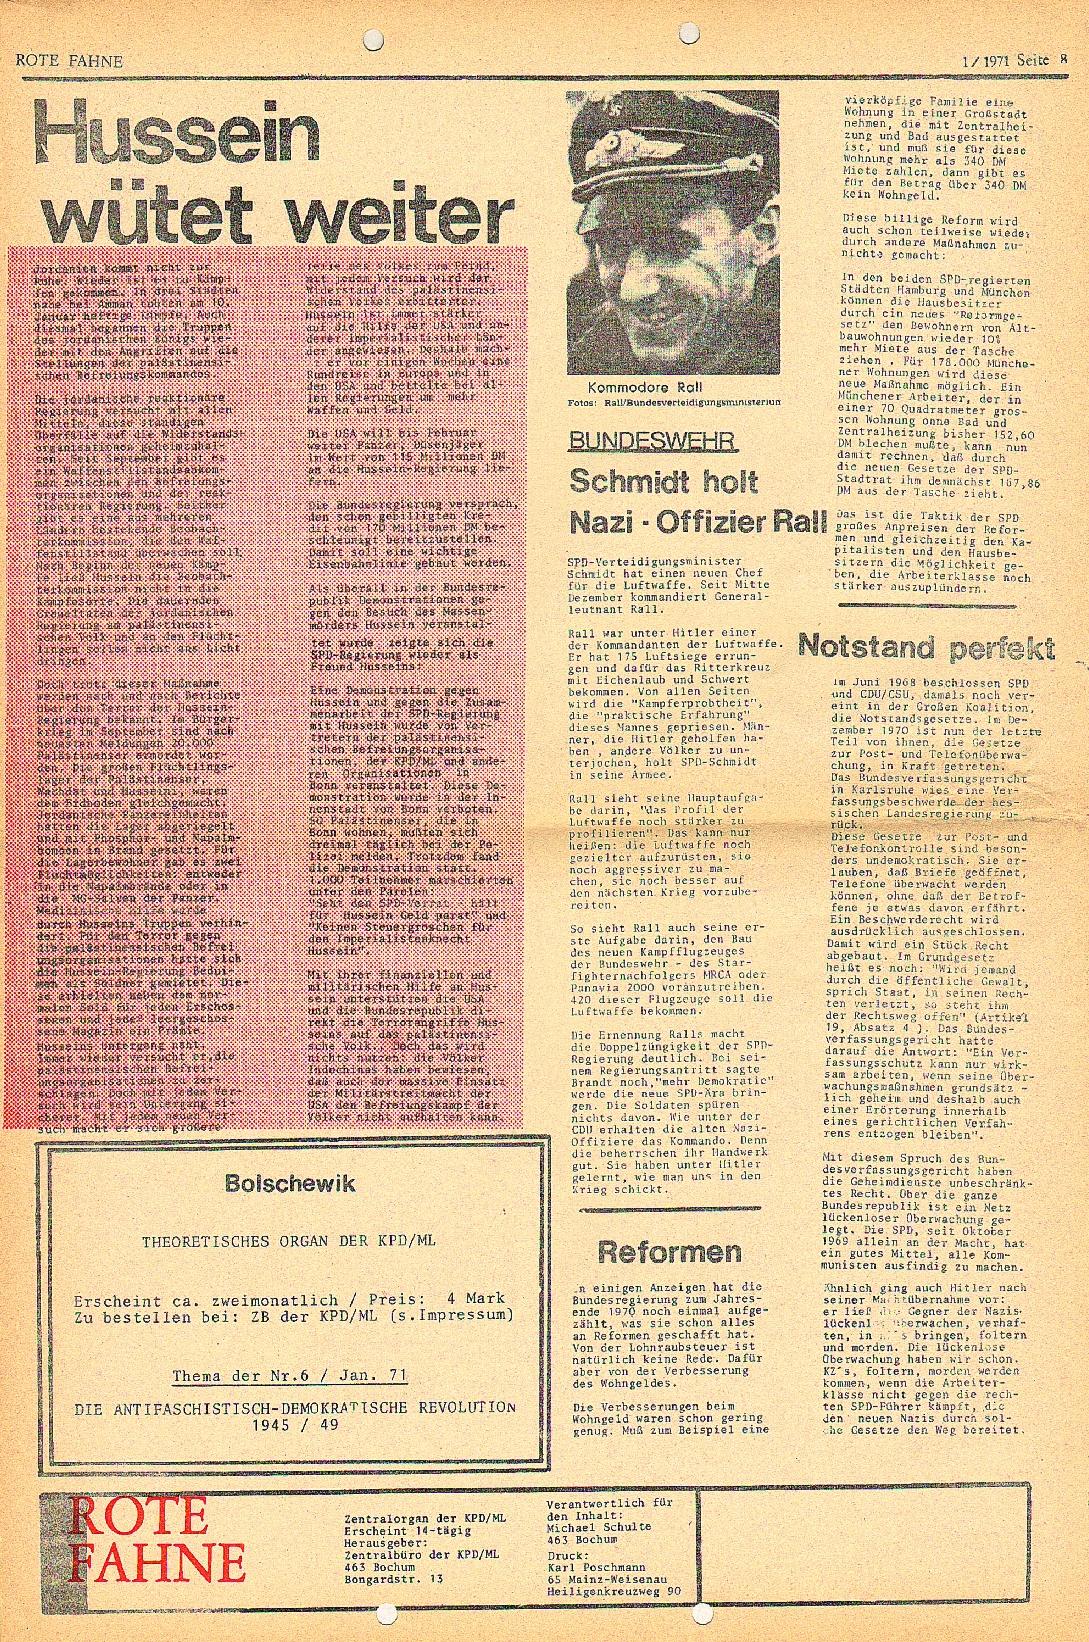 Rote Fahne, 2. Jg., 18.1.1971, Nr. 1, Seite 8